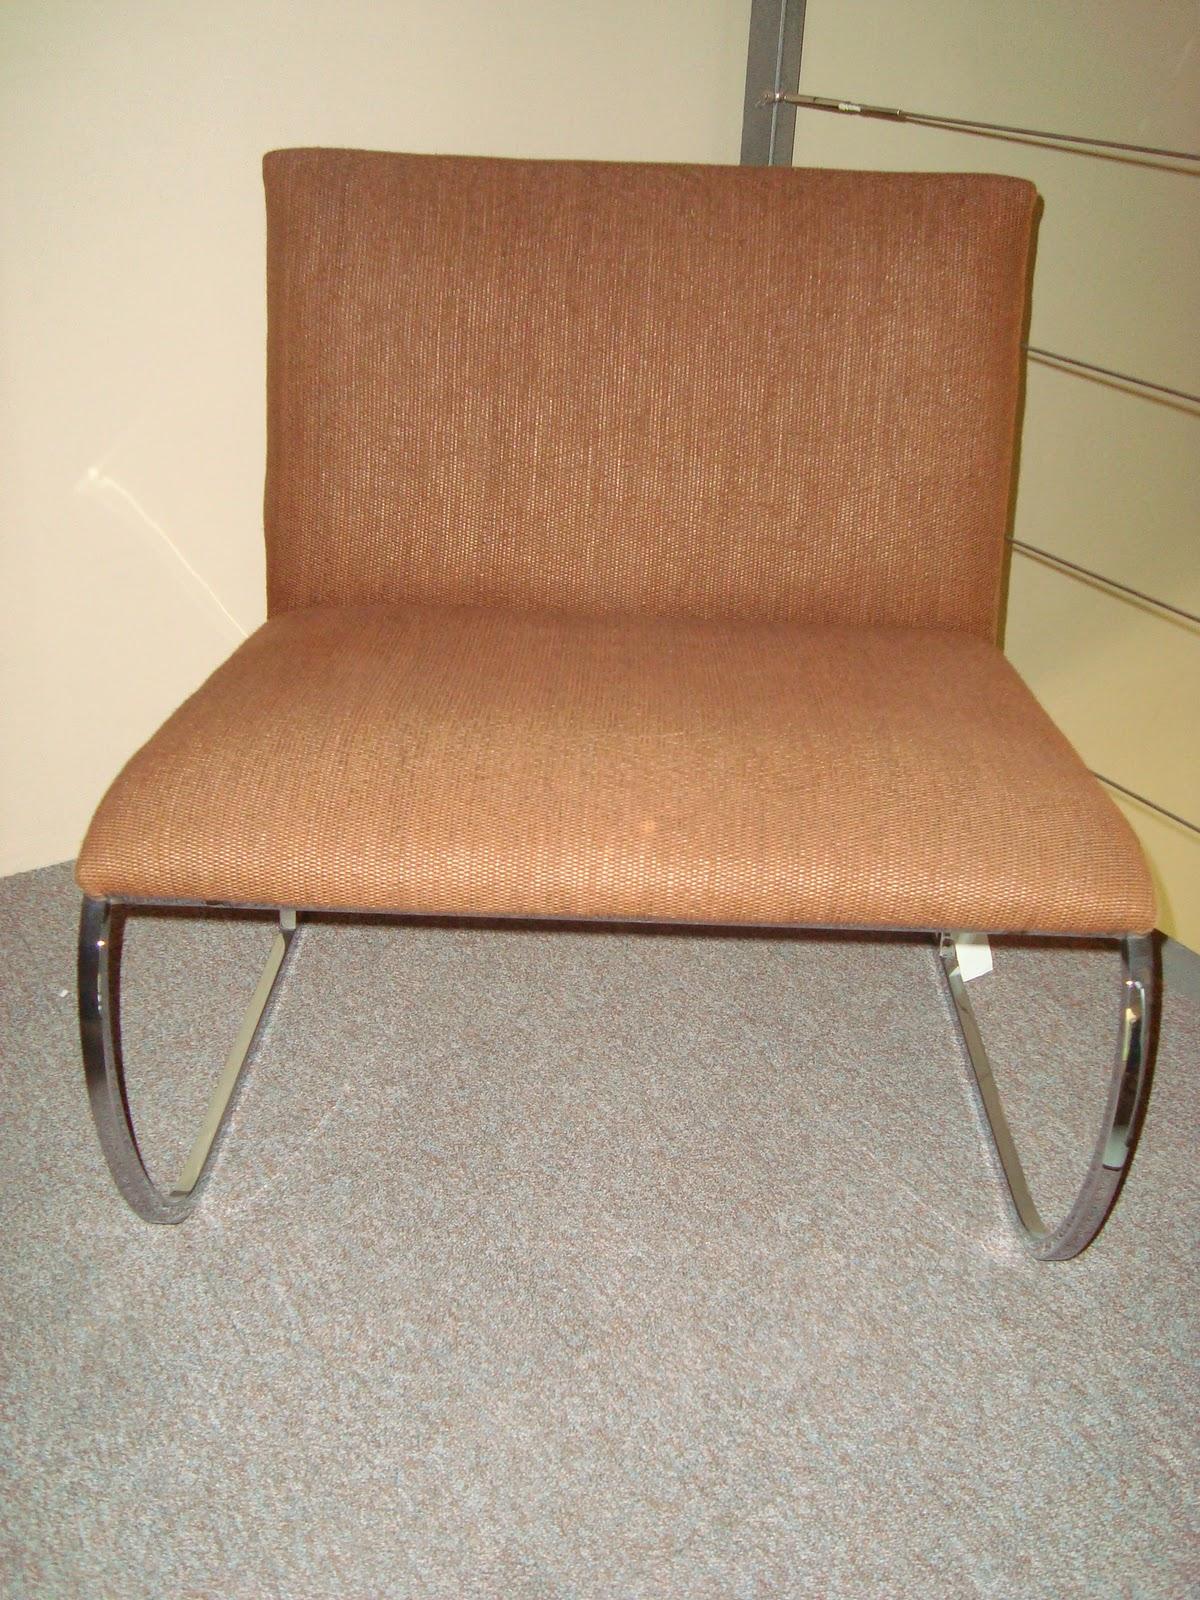 Liquidacion muebles de dise o soluciones para rincones for Liquidacion muebles diseno